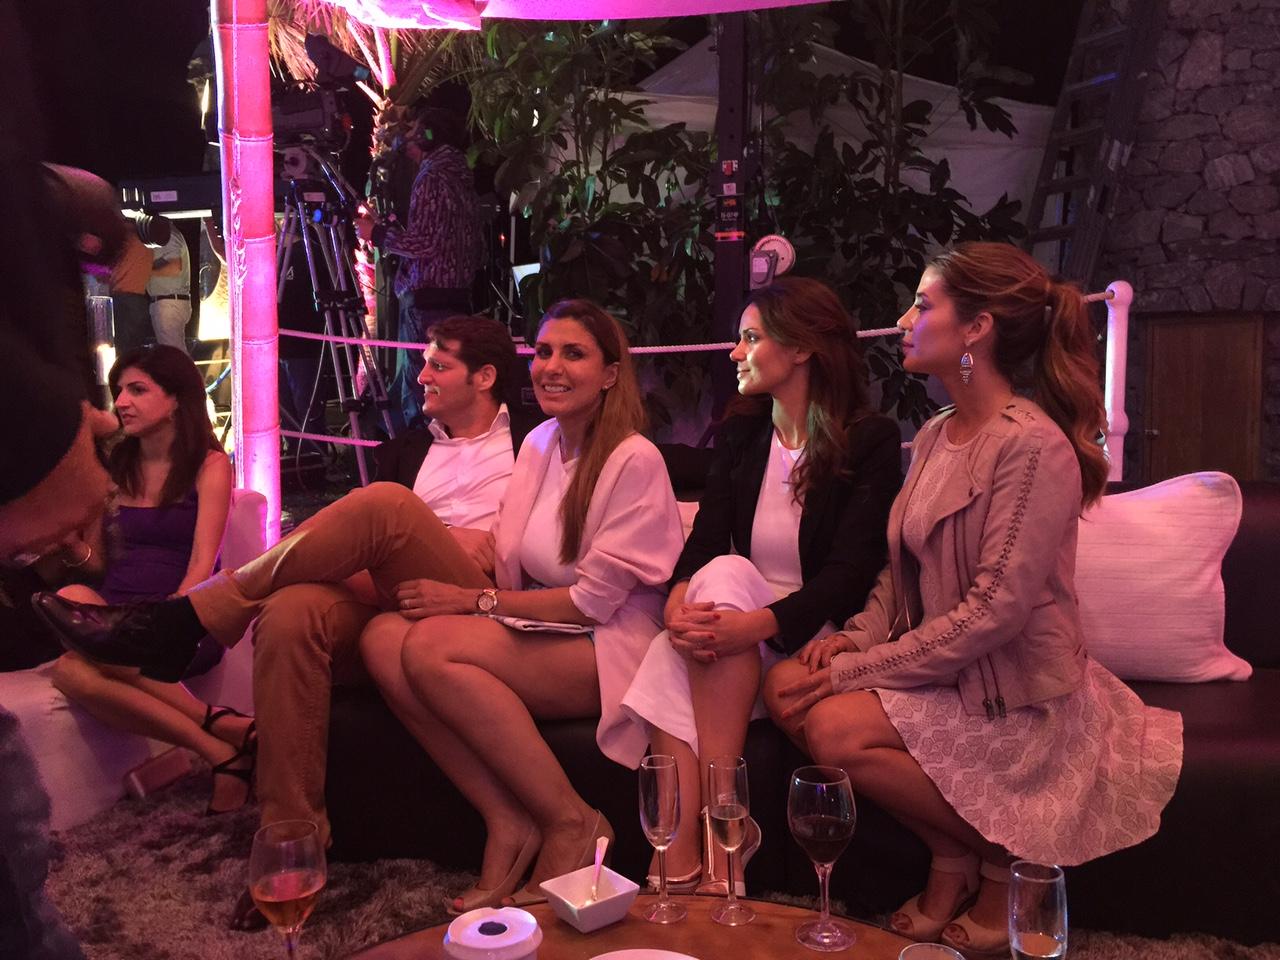 Disfrutando de la actuación de Soraya: Mercedes Urrea de Hola, Manu Tenorio, Silvia Casas y Elena Tablada